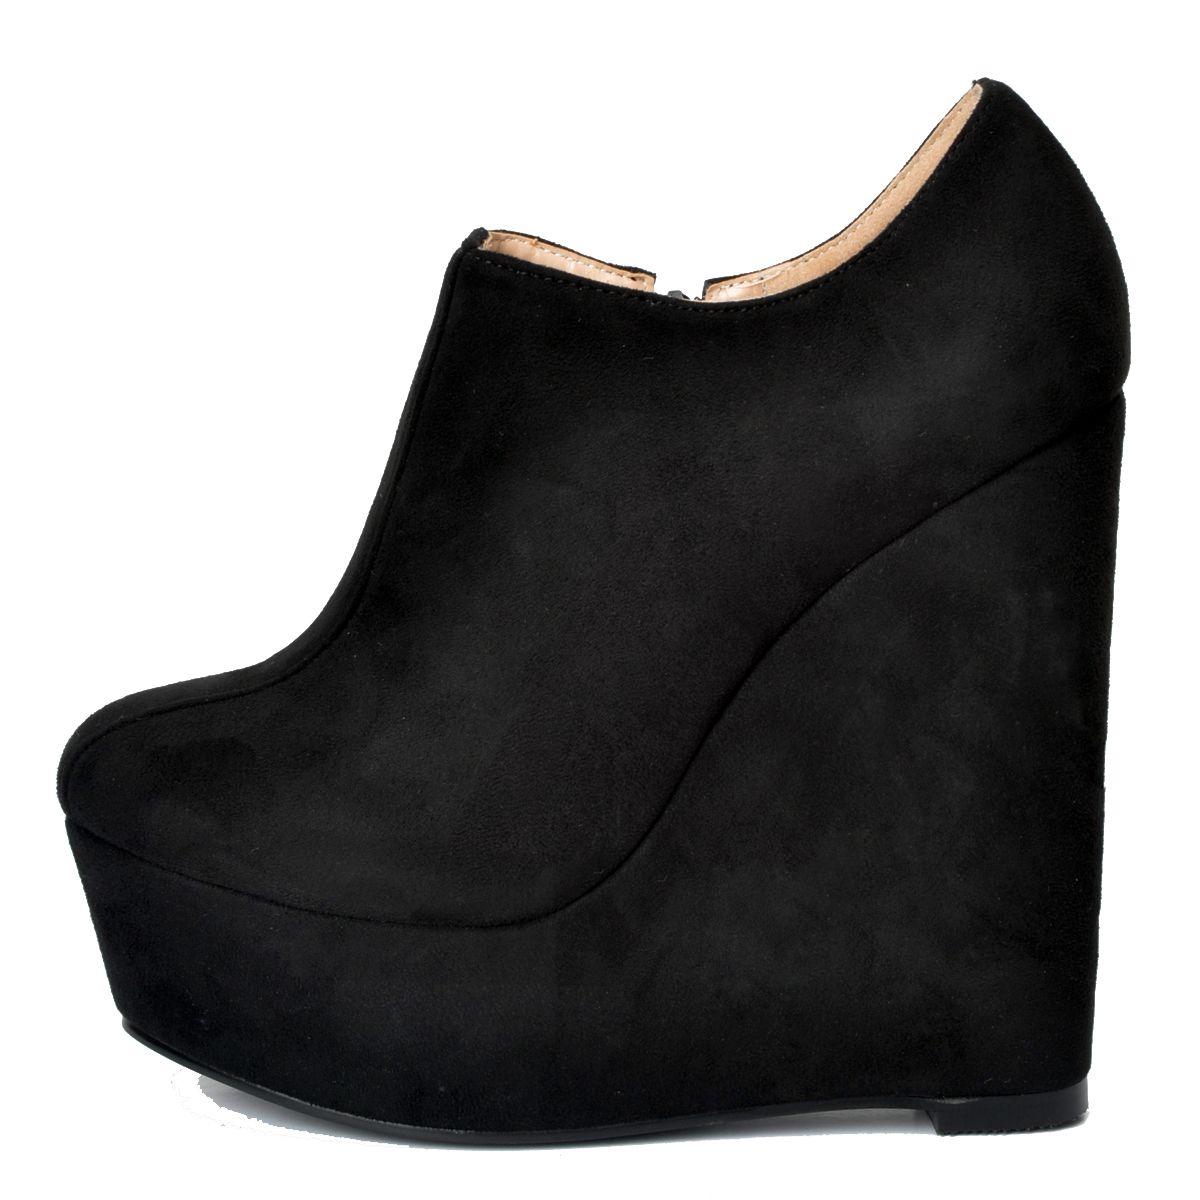 Legzen женская мода ботильоны платформа круглый носок Клин бути искусственной замши черные туфли женщина плюс размер